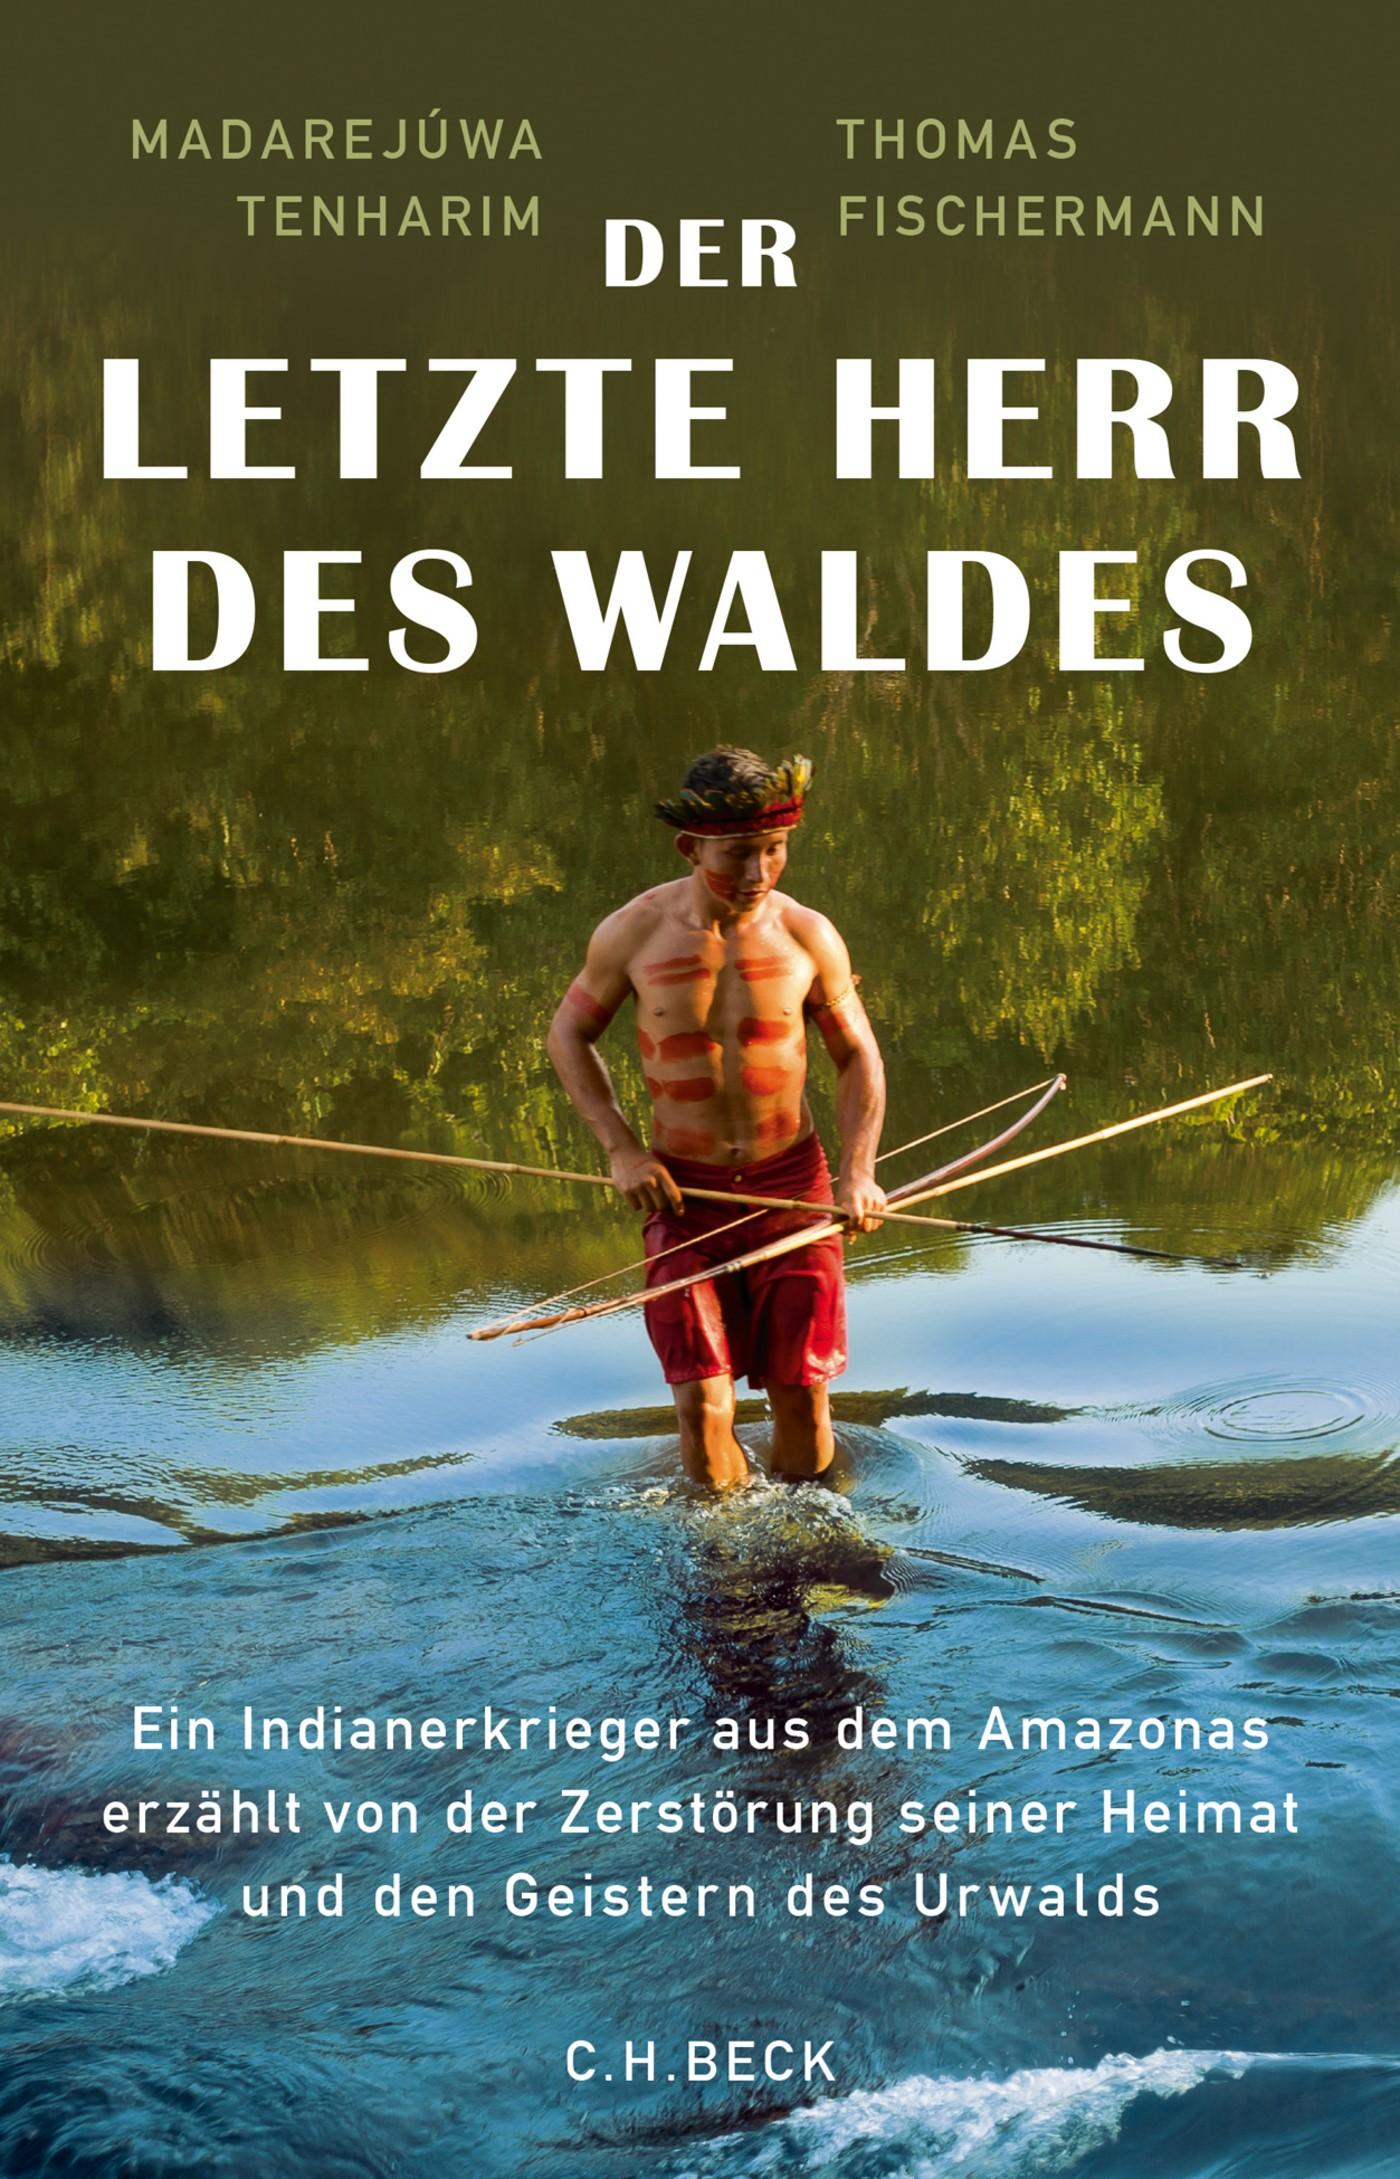 Der letzte Herr des Waldes | Tenharim / Fischermann, 2018 | eBook (Cover)